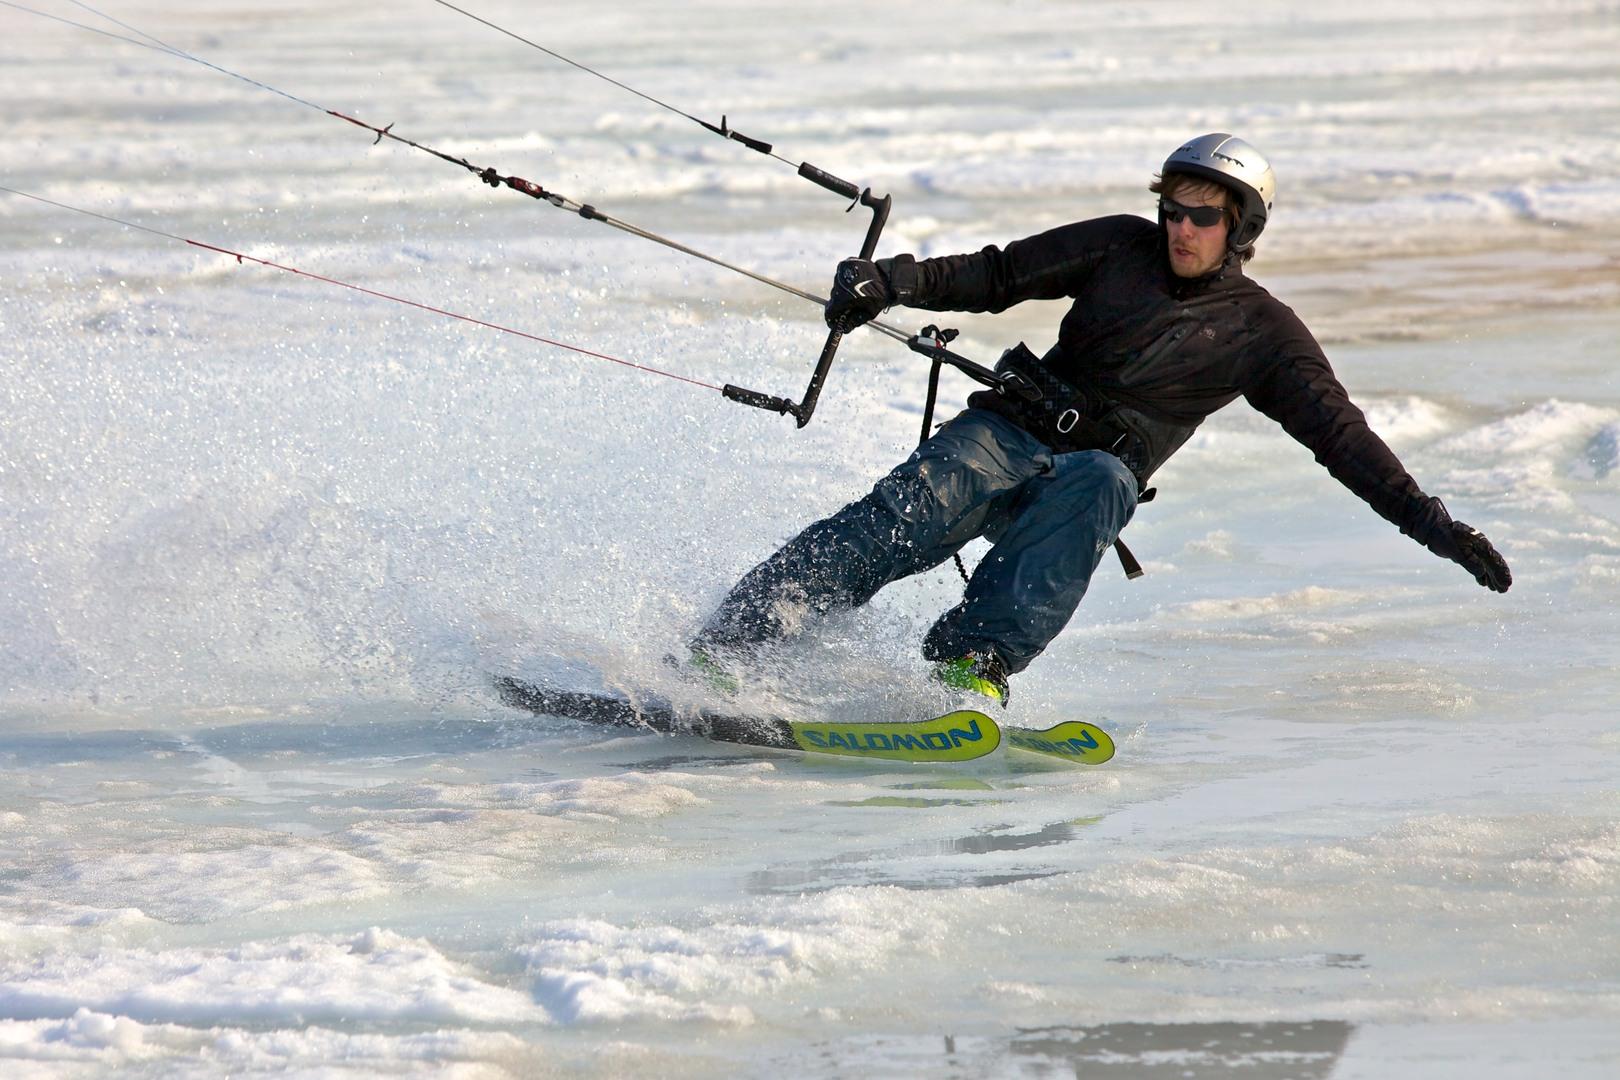 Best snowkiting holidays Fotopedia image by Konstantin Zamkov